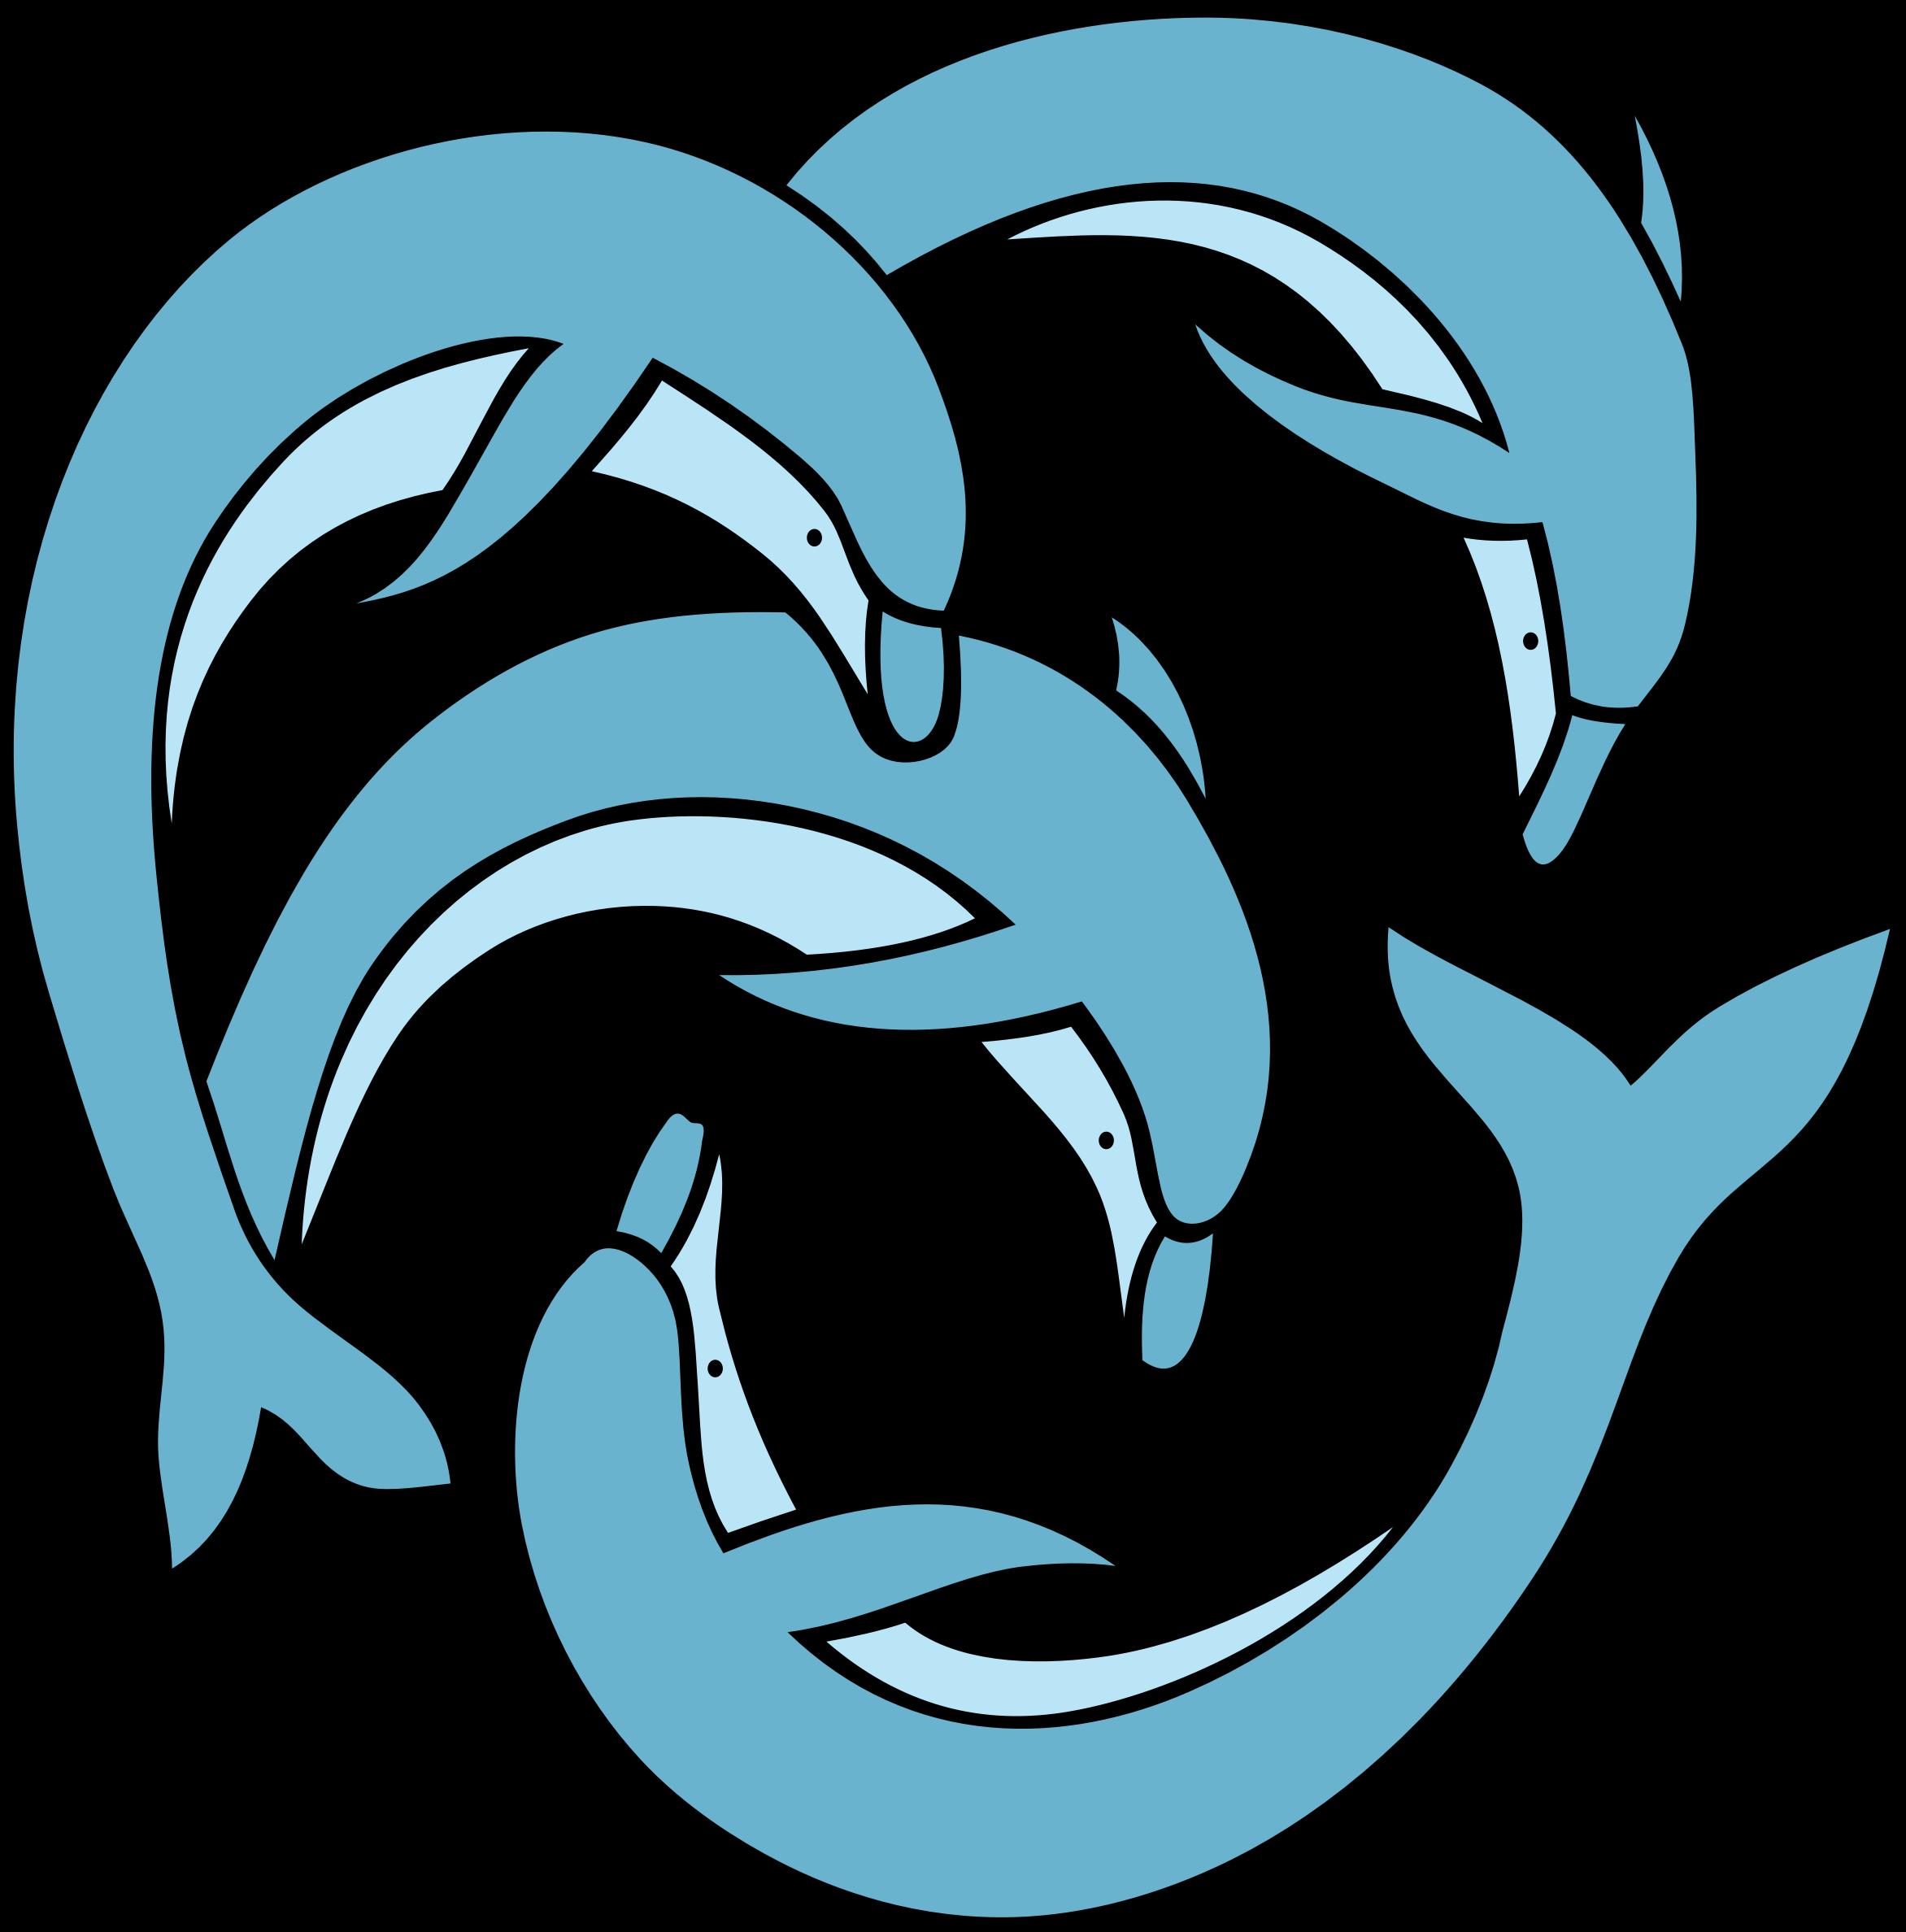 Dolphin teal